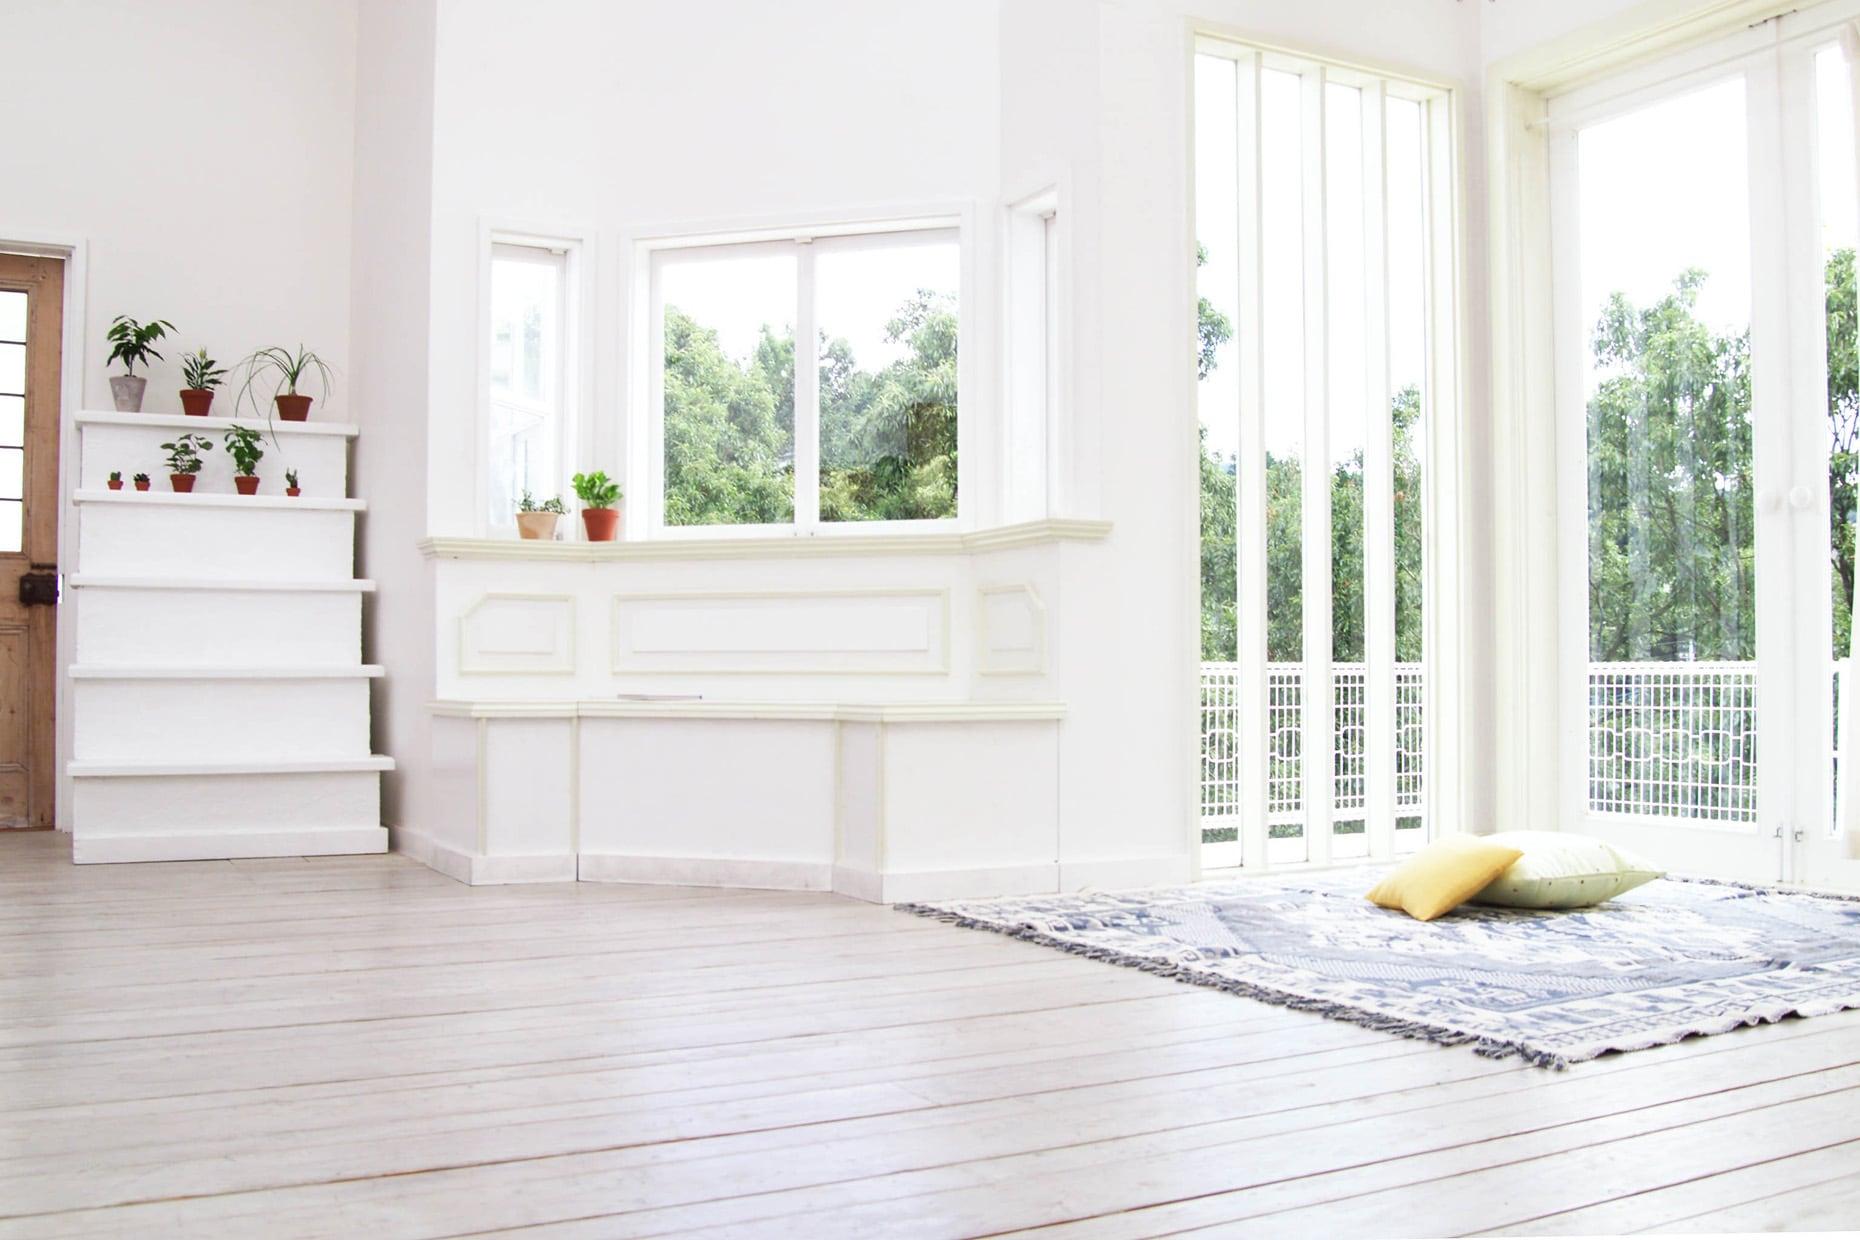 騒音トラブル、入居前・入居後の対処法